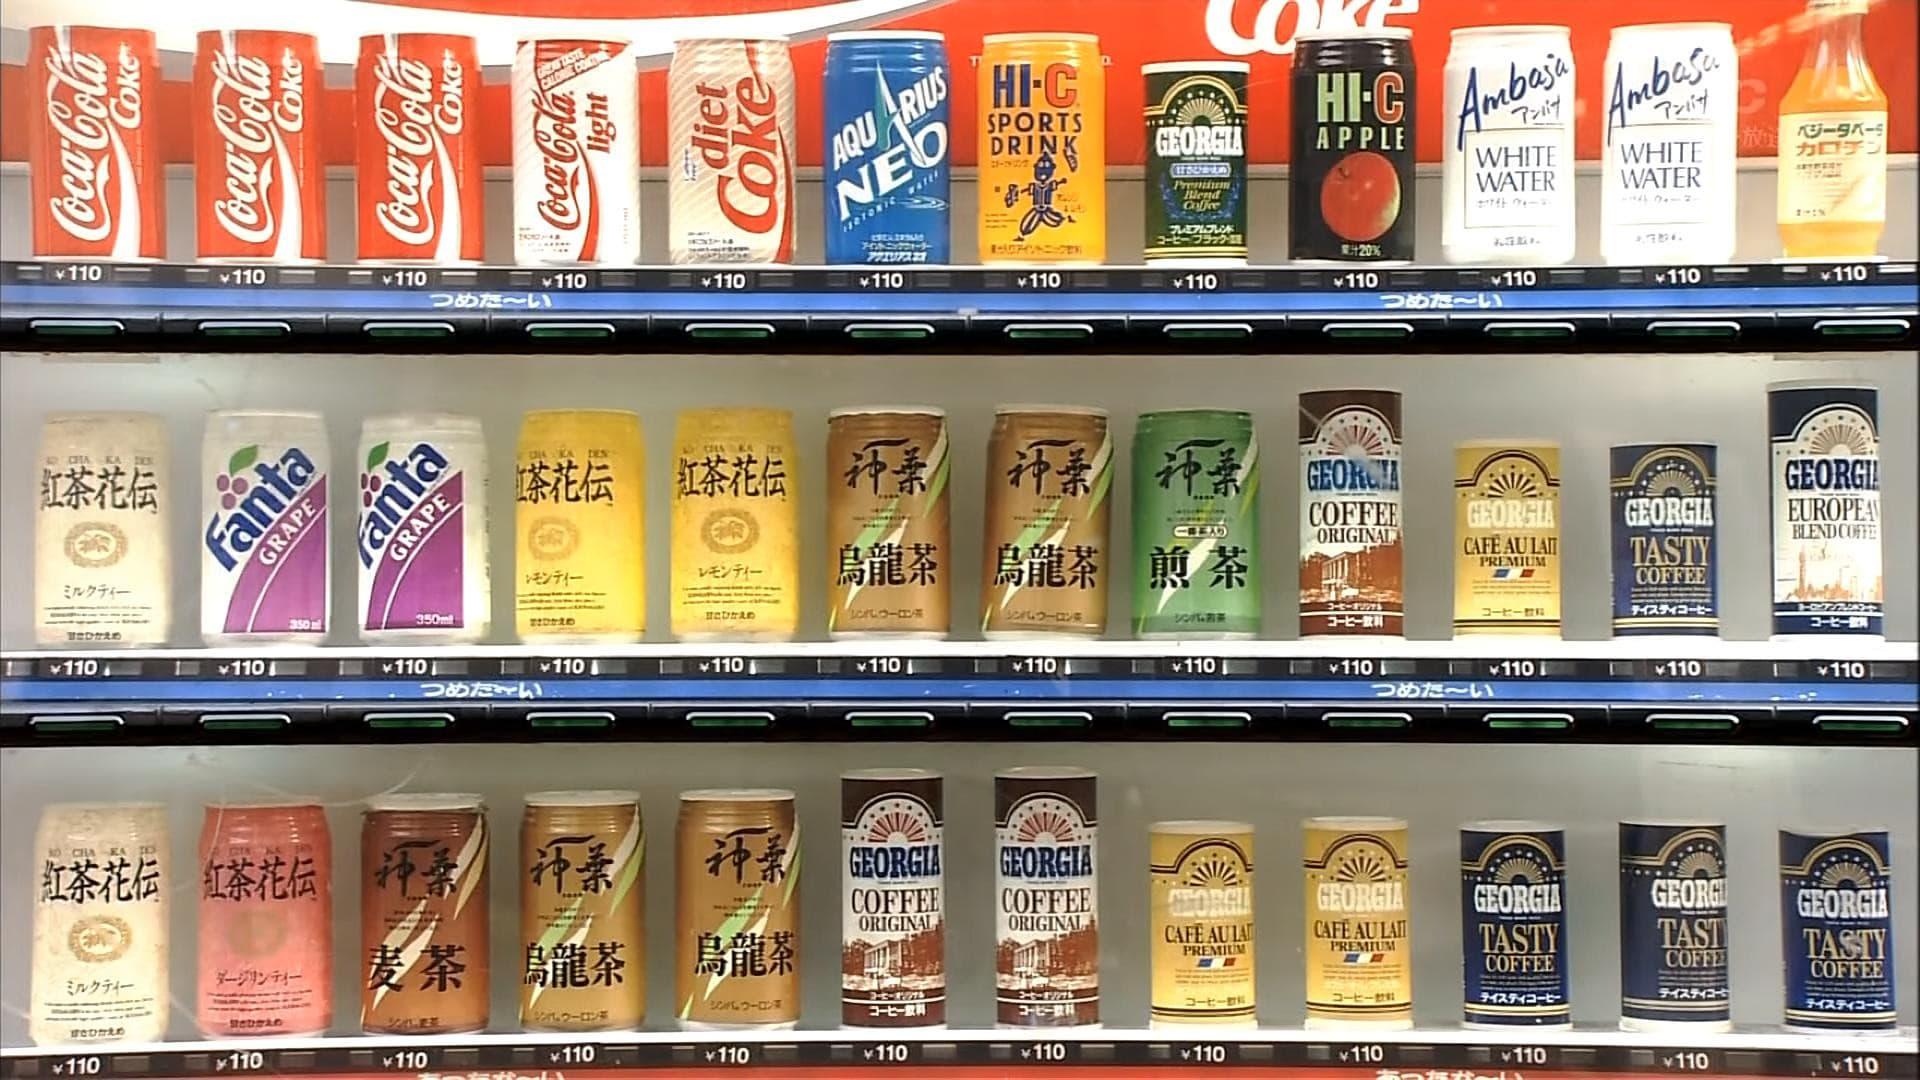 【画像】20年前のコカ・コーラ自販機のラインナップがこれwwwwwwww